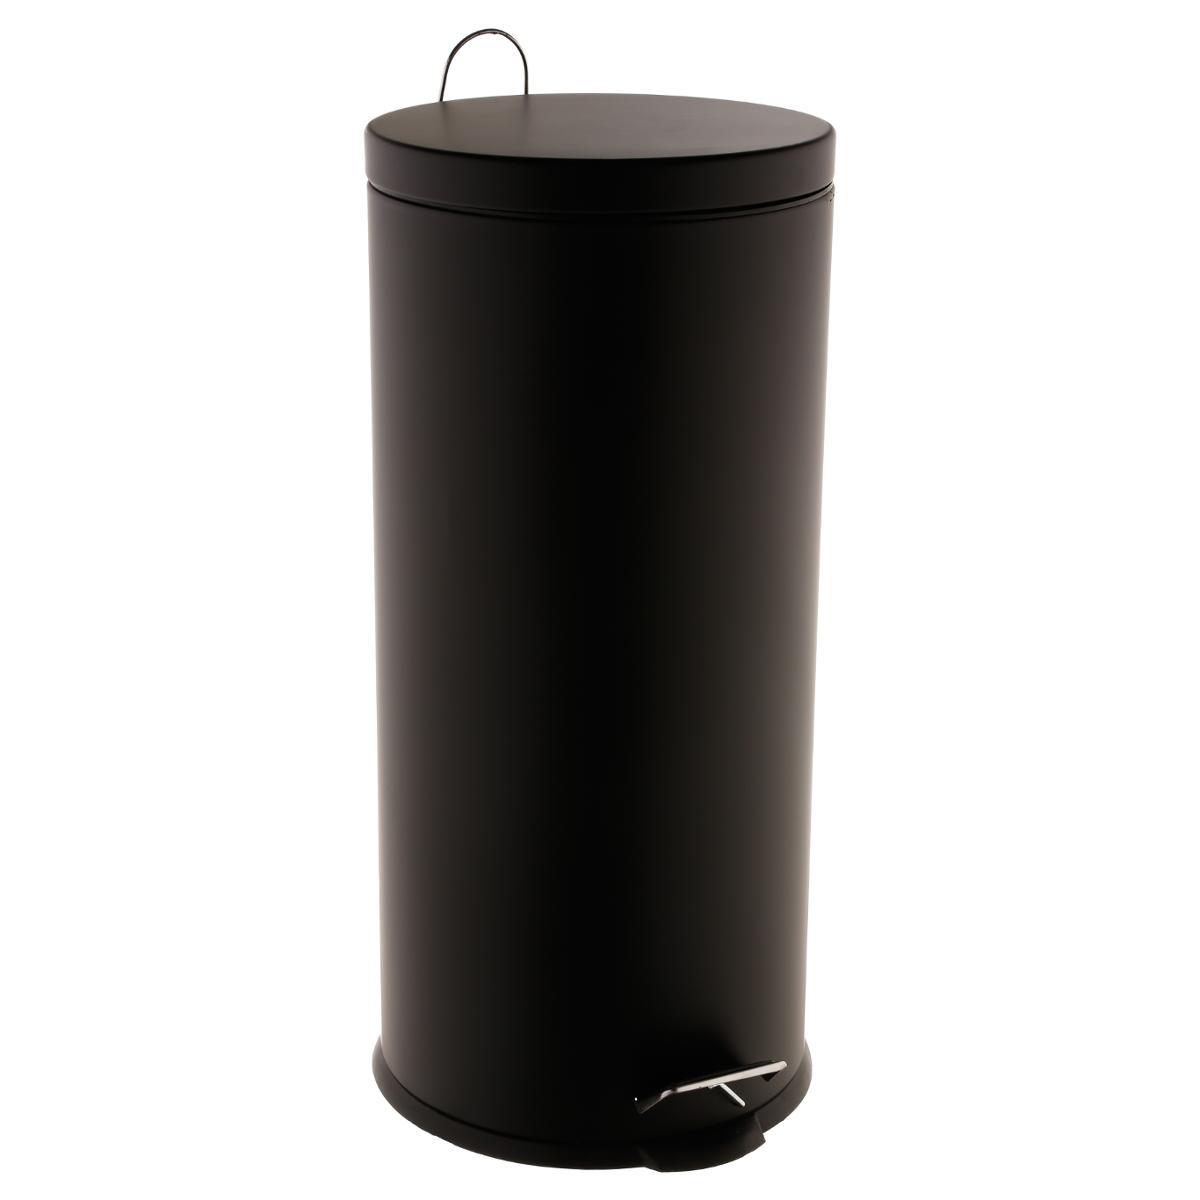 3L Noir PEGANE Lot de 2 poubelles 30L GM diam/ètre 24 x H19 cm diam/ètre 42 x H54.5 cm ; PM